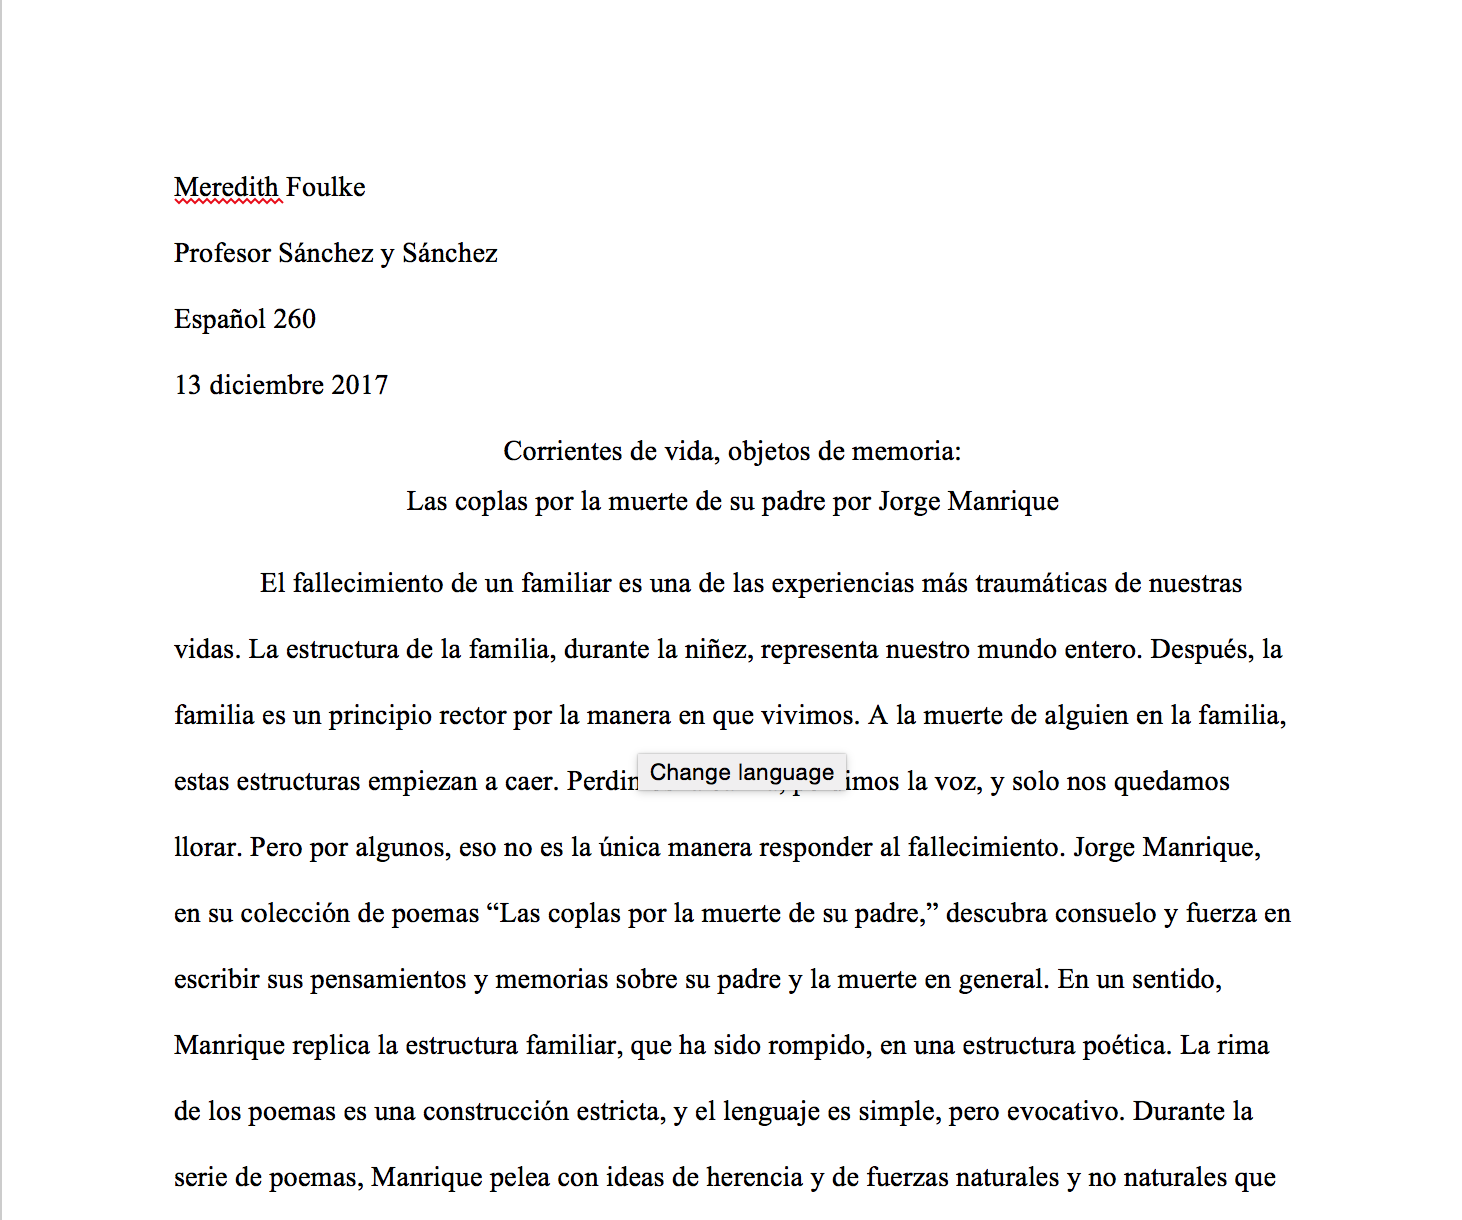 001 Screenshot Essay Example En Fearsome Espanol Que Significa La Palabra Español Prompt Persuasive Full